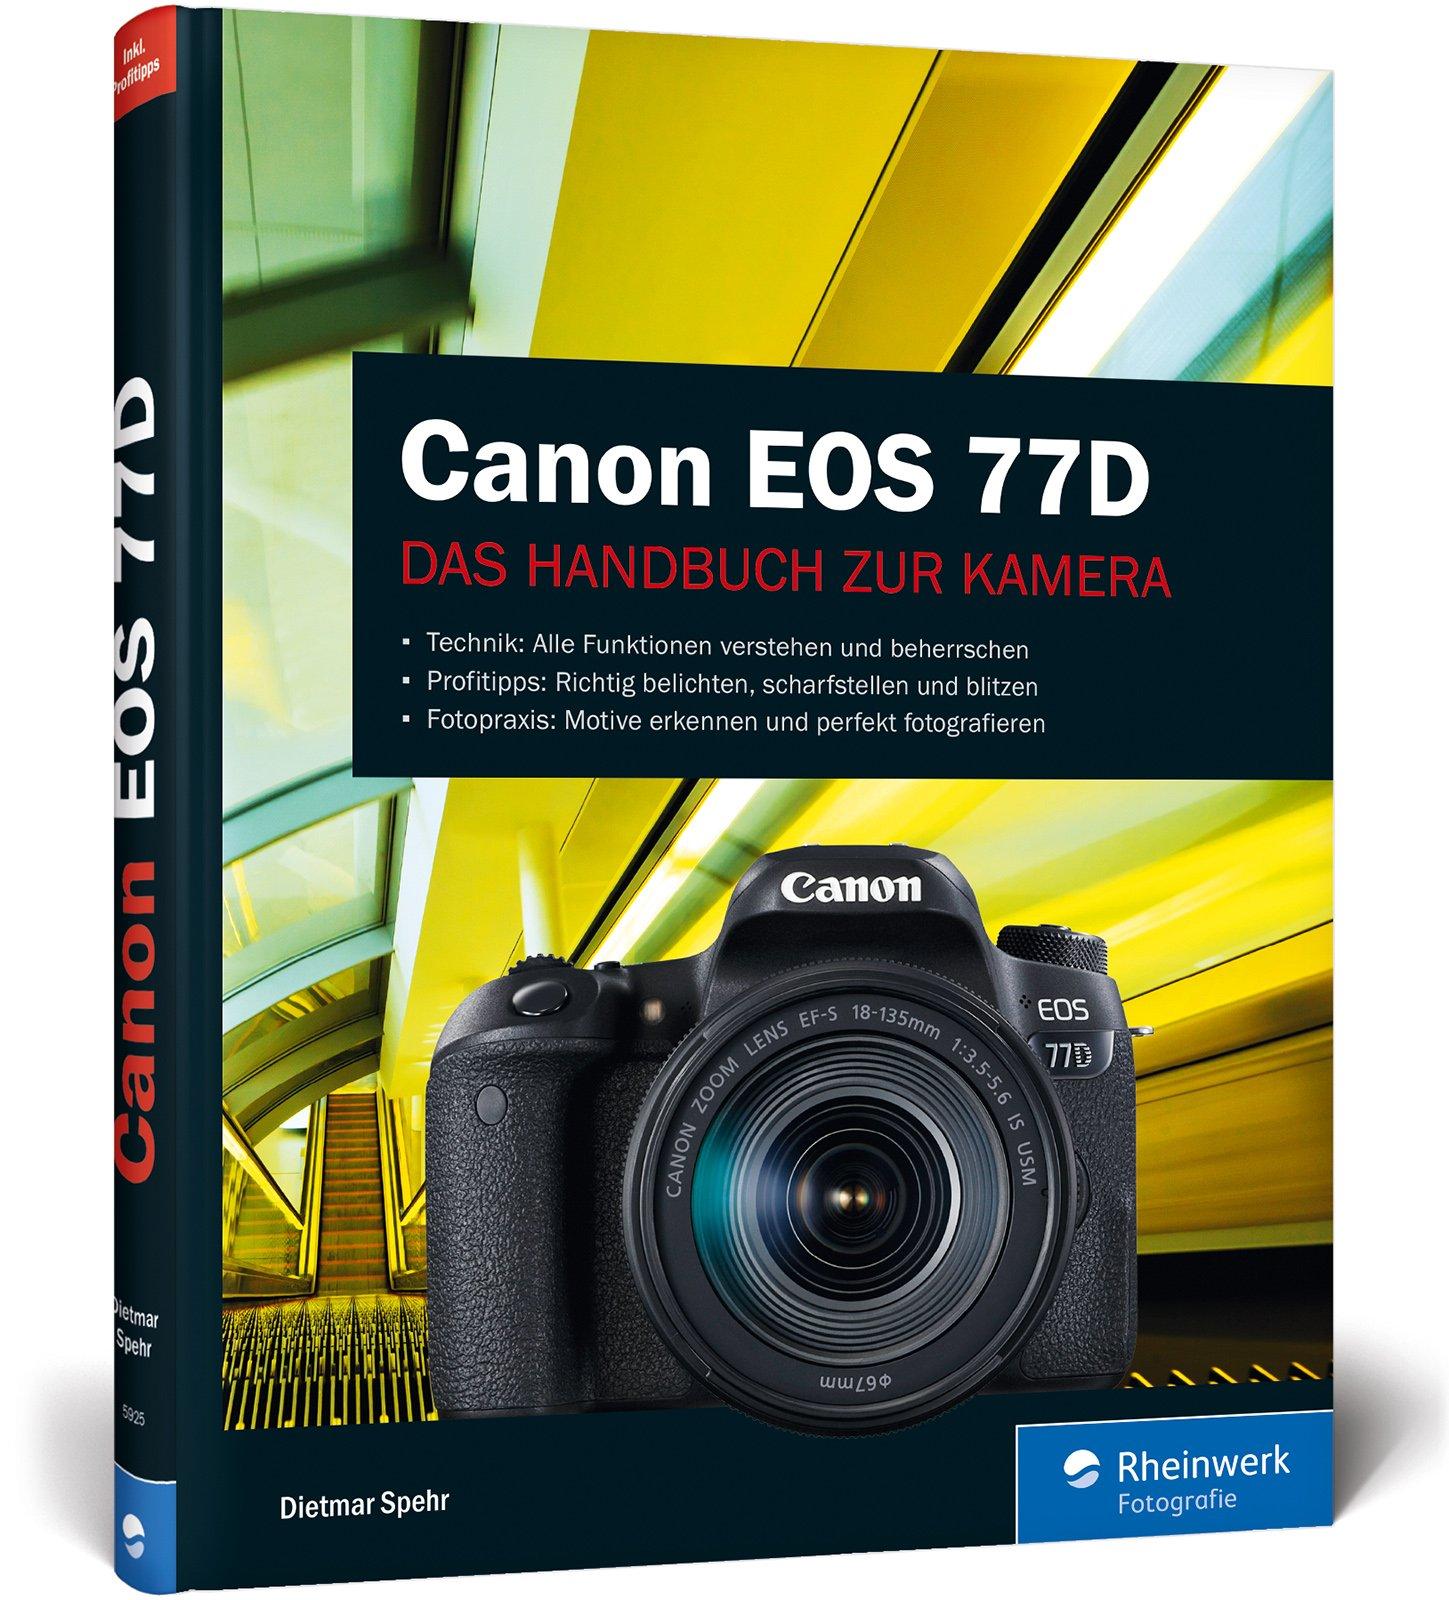 Canon EOS 77D: Das Handbuch zur Kamera: Amazon.es: Spehr, Dietmar ...